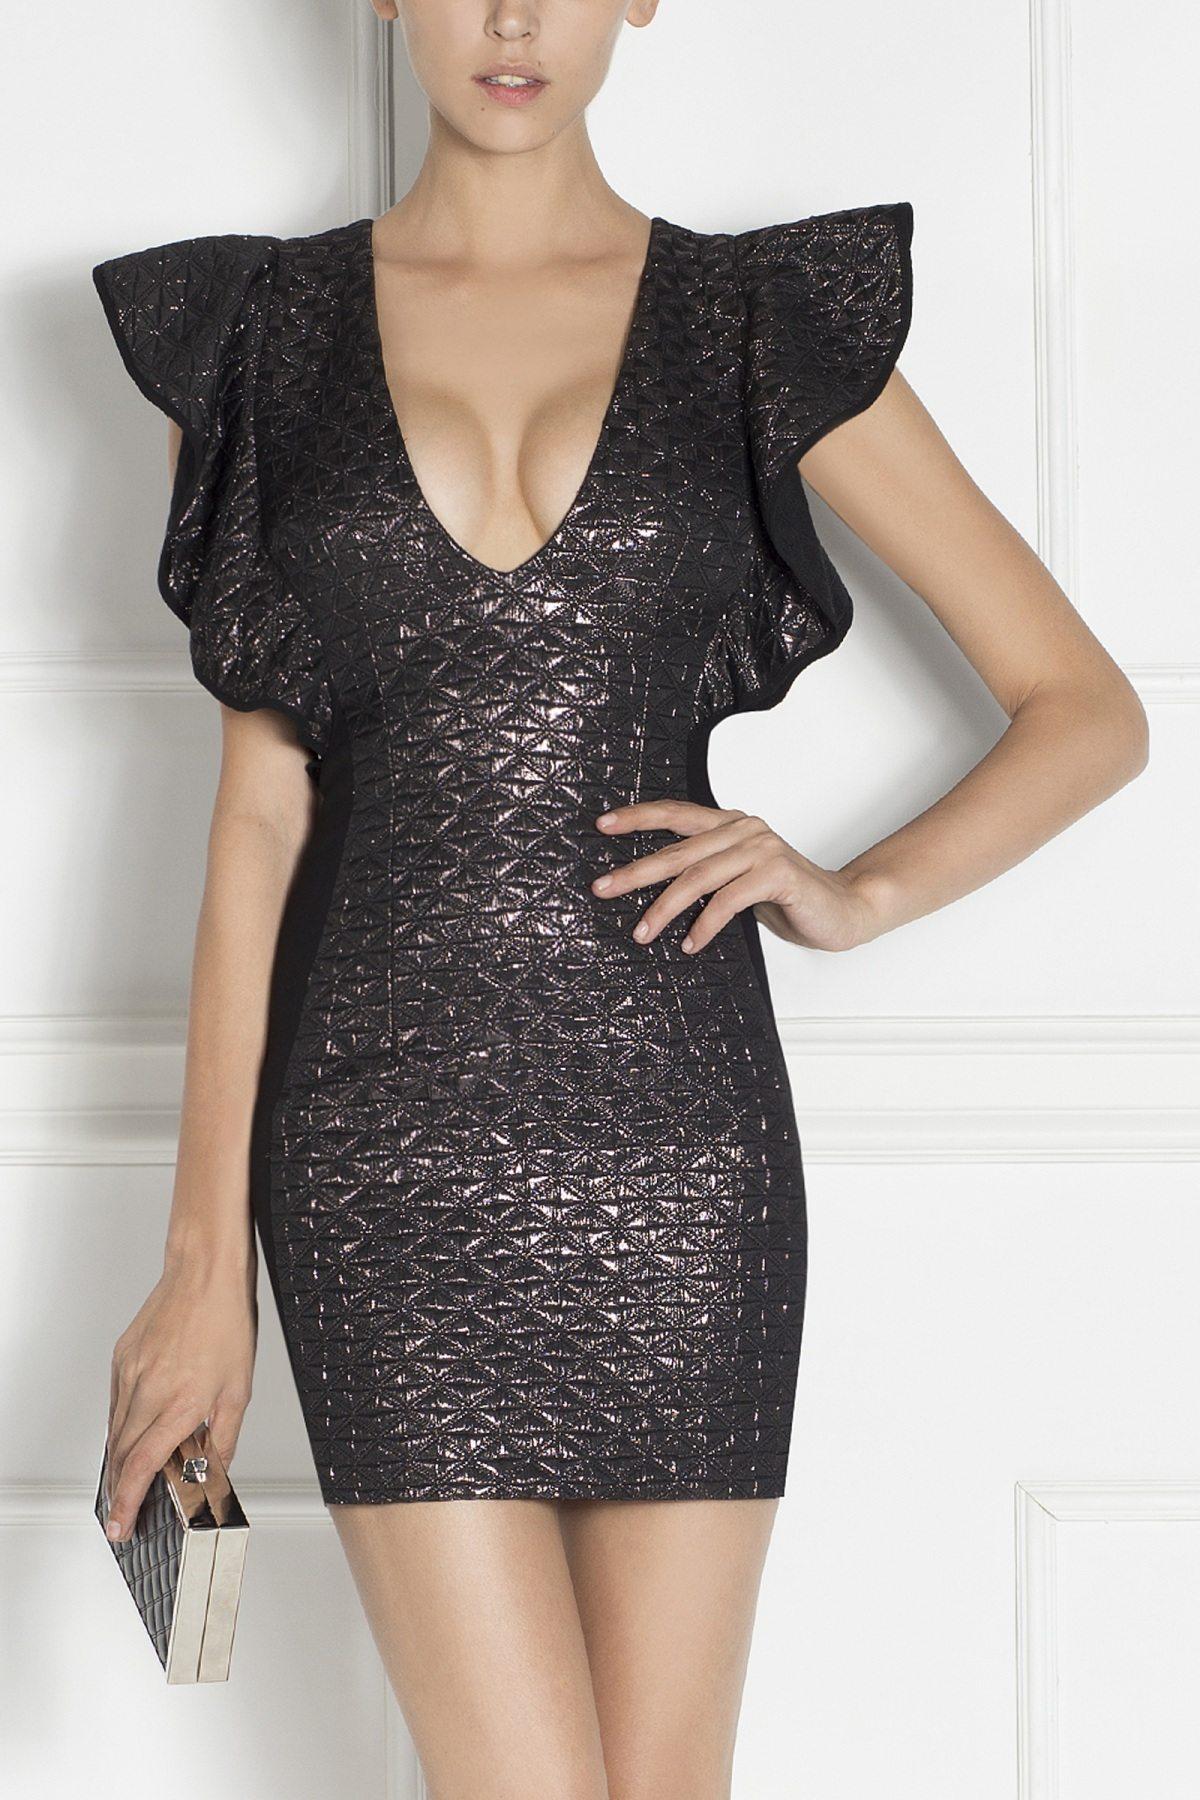 Rochie mini din tesatura cu reflexii metalice Negru